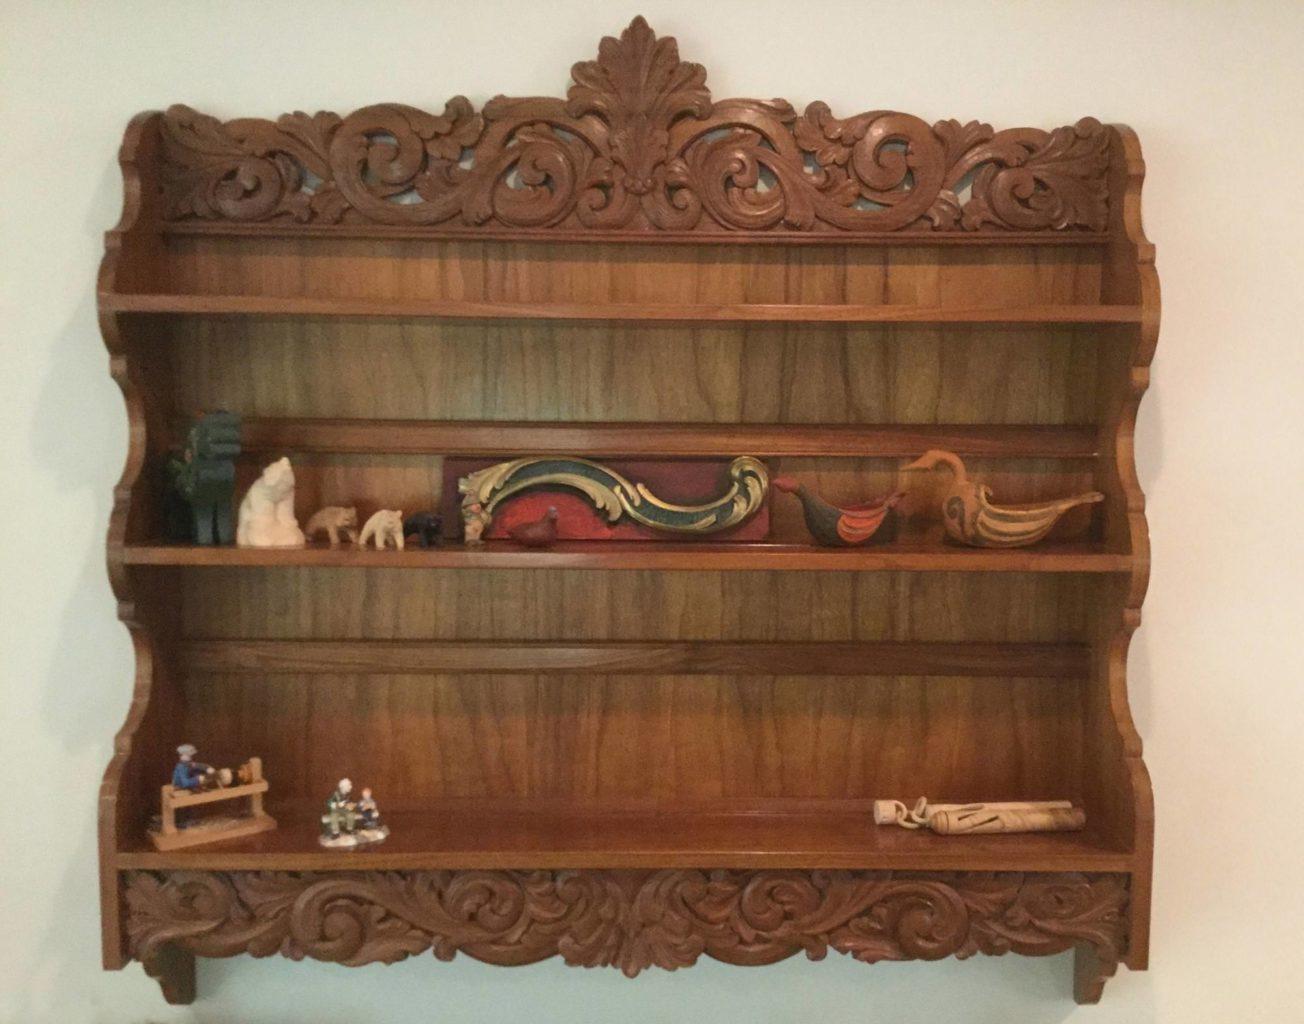 Acanthus-carved plate rack © 1984 Hans Sandom Acanthus-carved plate rack © 1984 Hans Sandom